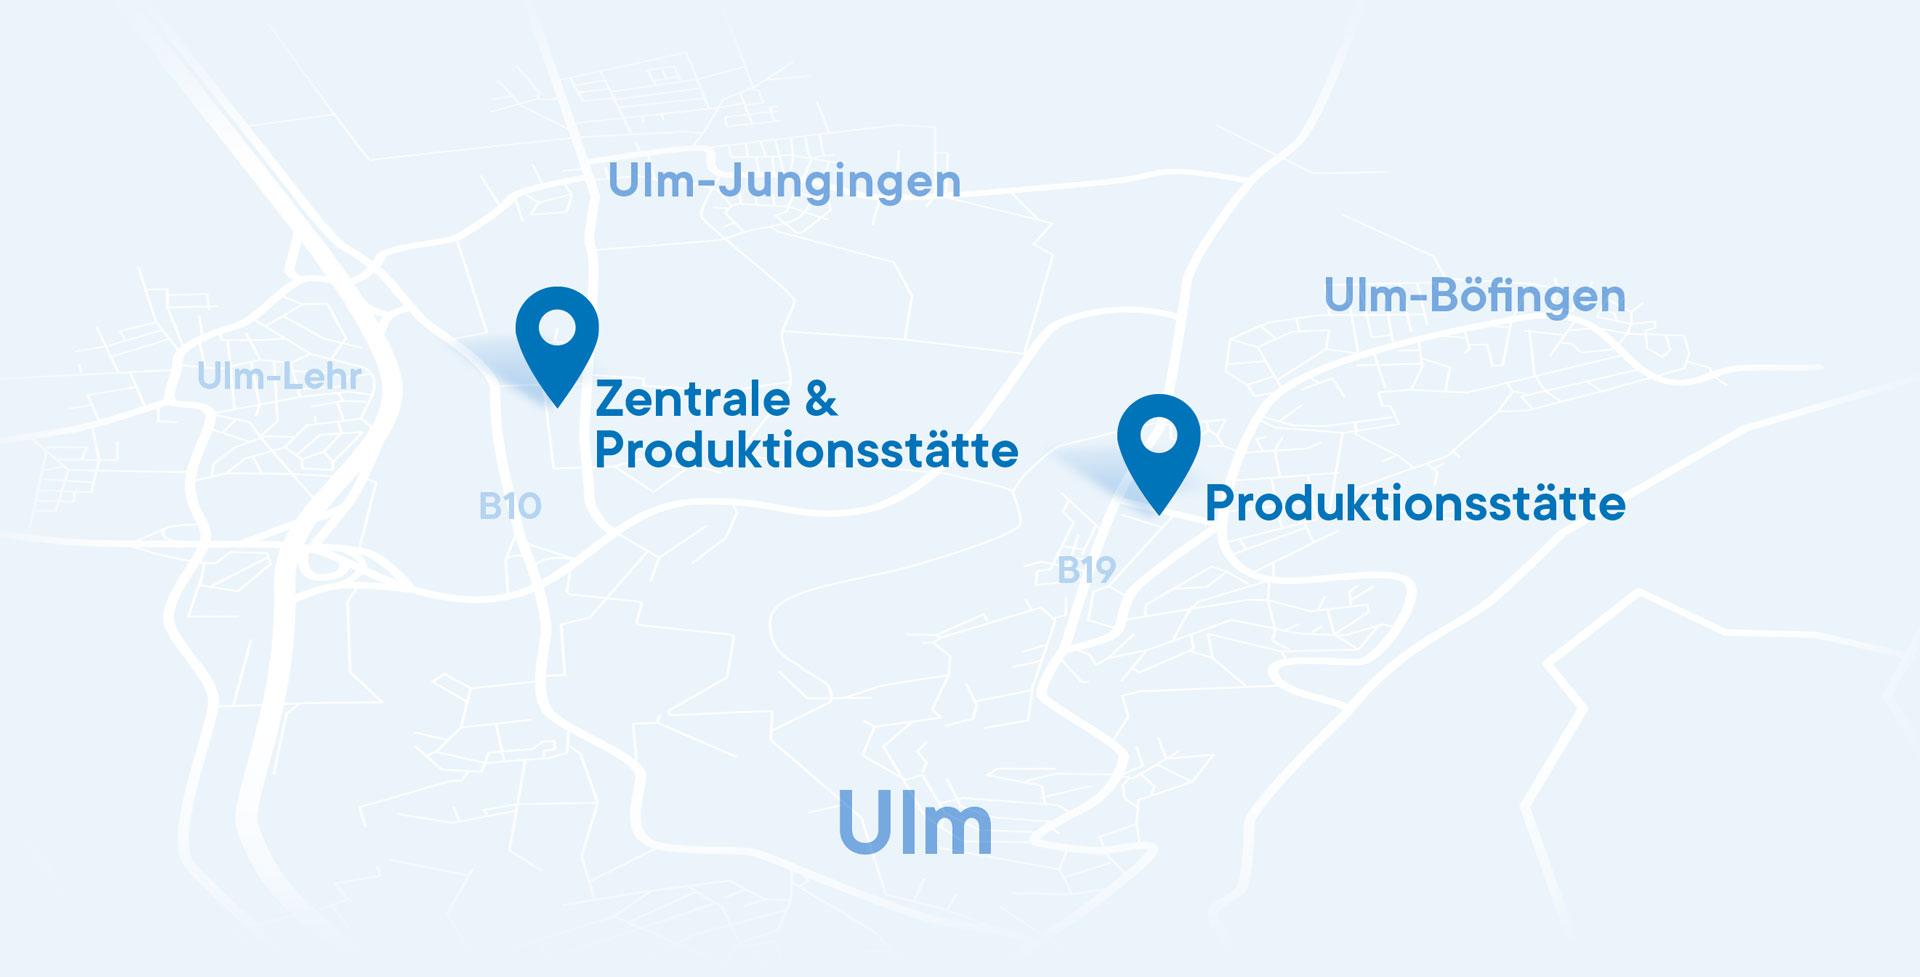 Die Wäscherei Bohnet besitzt zwei Standorte in Ulm und Jungingen